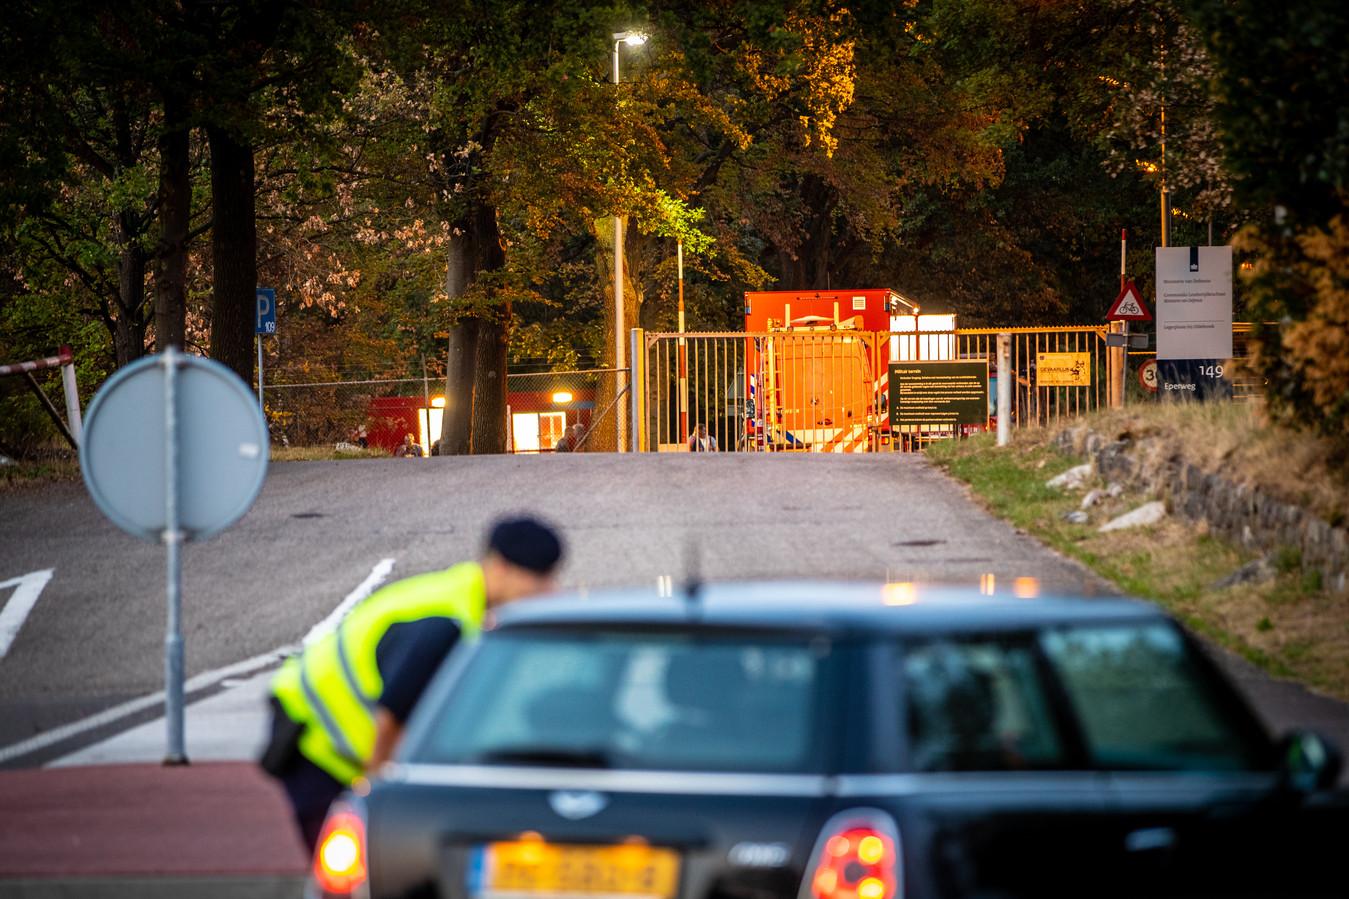 Op de legerbasis in Oldebroek wordt onderzoek verricht naar een verdacht pakketje. De marechaussee instrueert een automobilist.